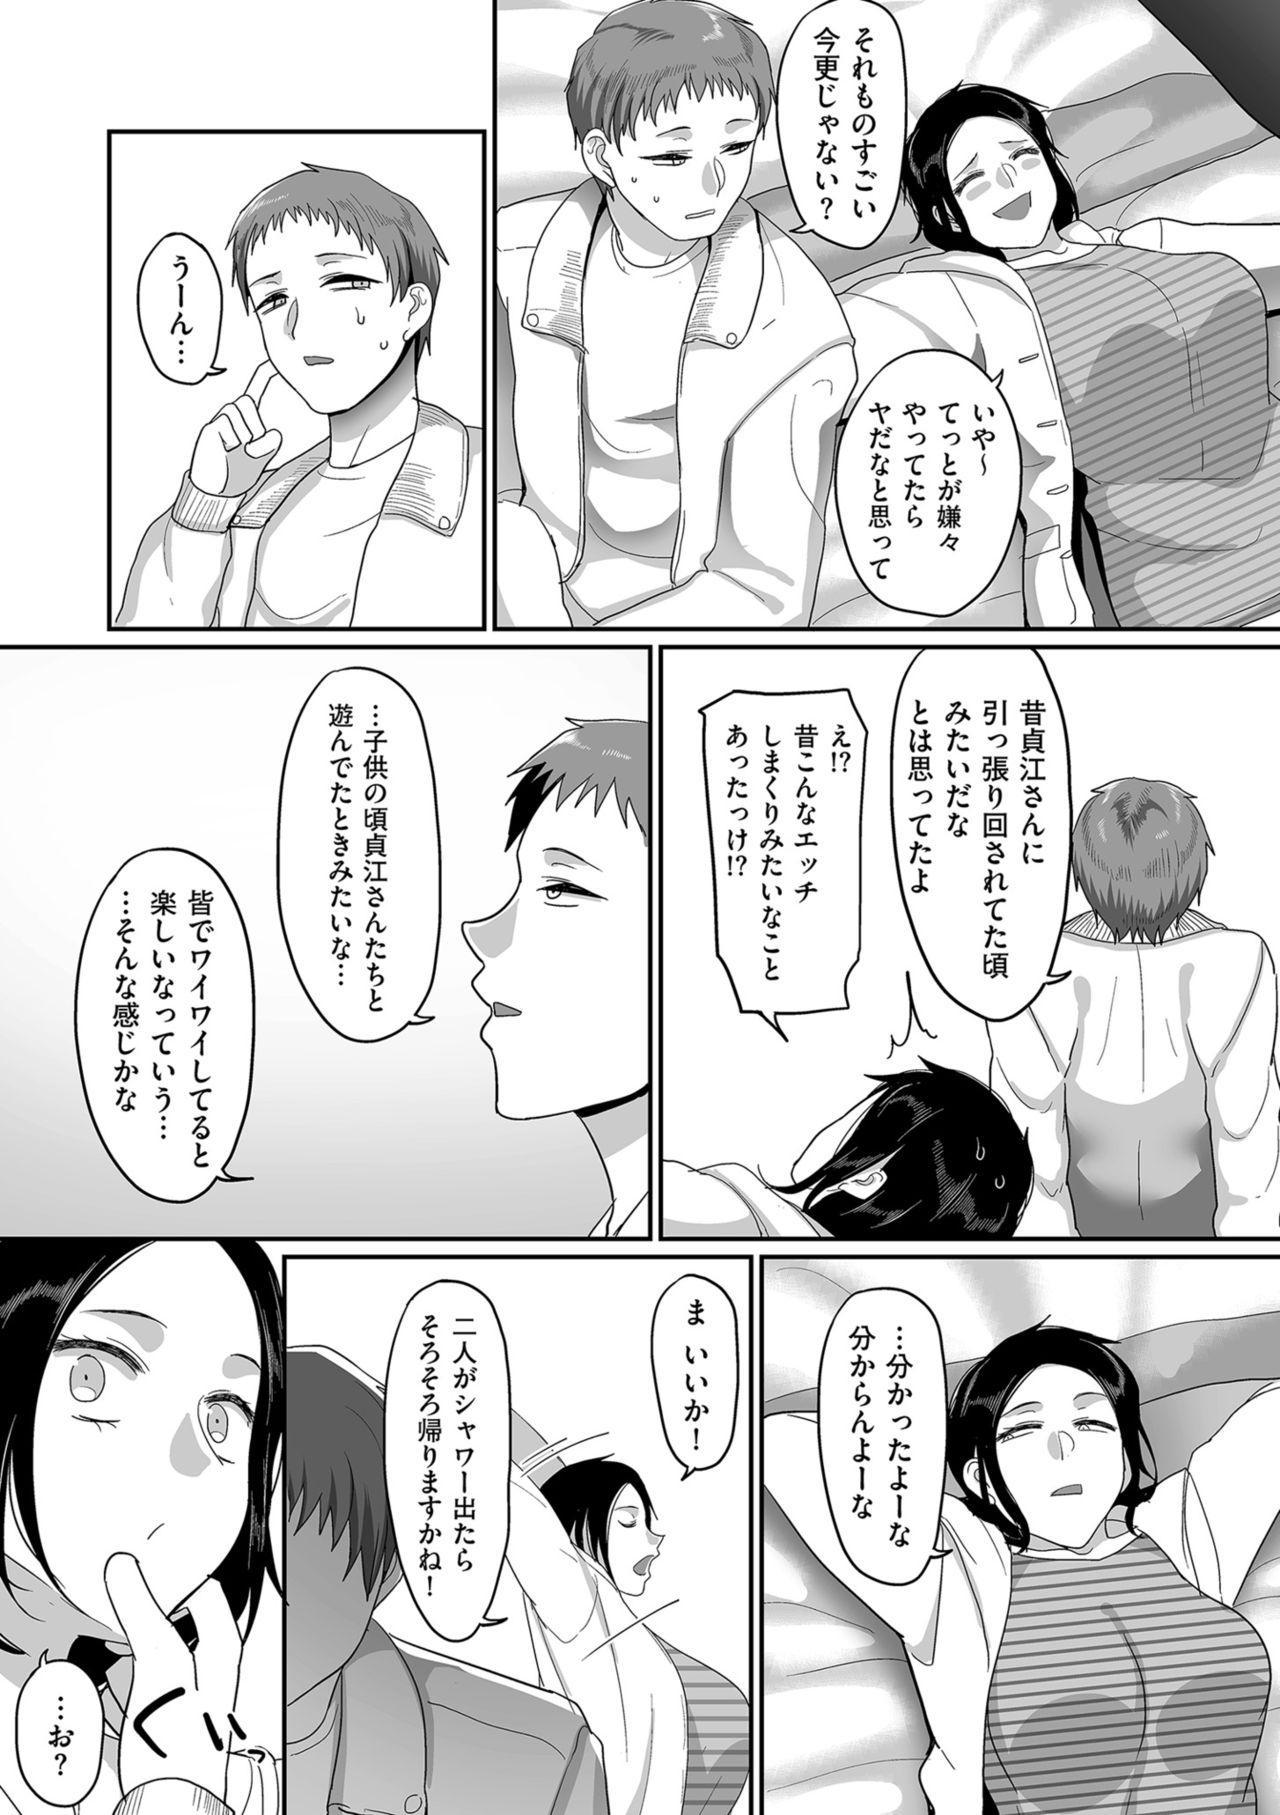 [Yamamoto Zenzen] S-ken K-shi Shakaijin Joshi Volleyball Circle no Jijou [Digital] 110